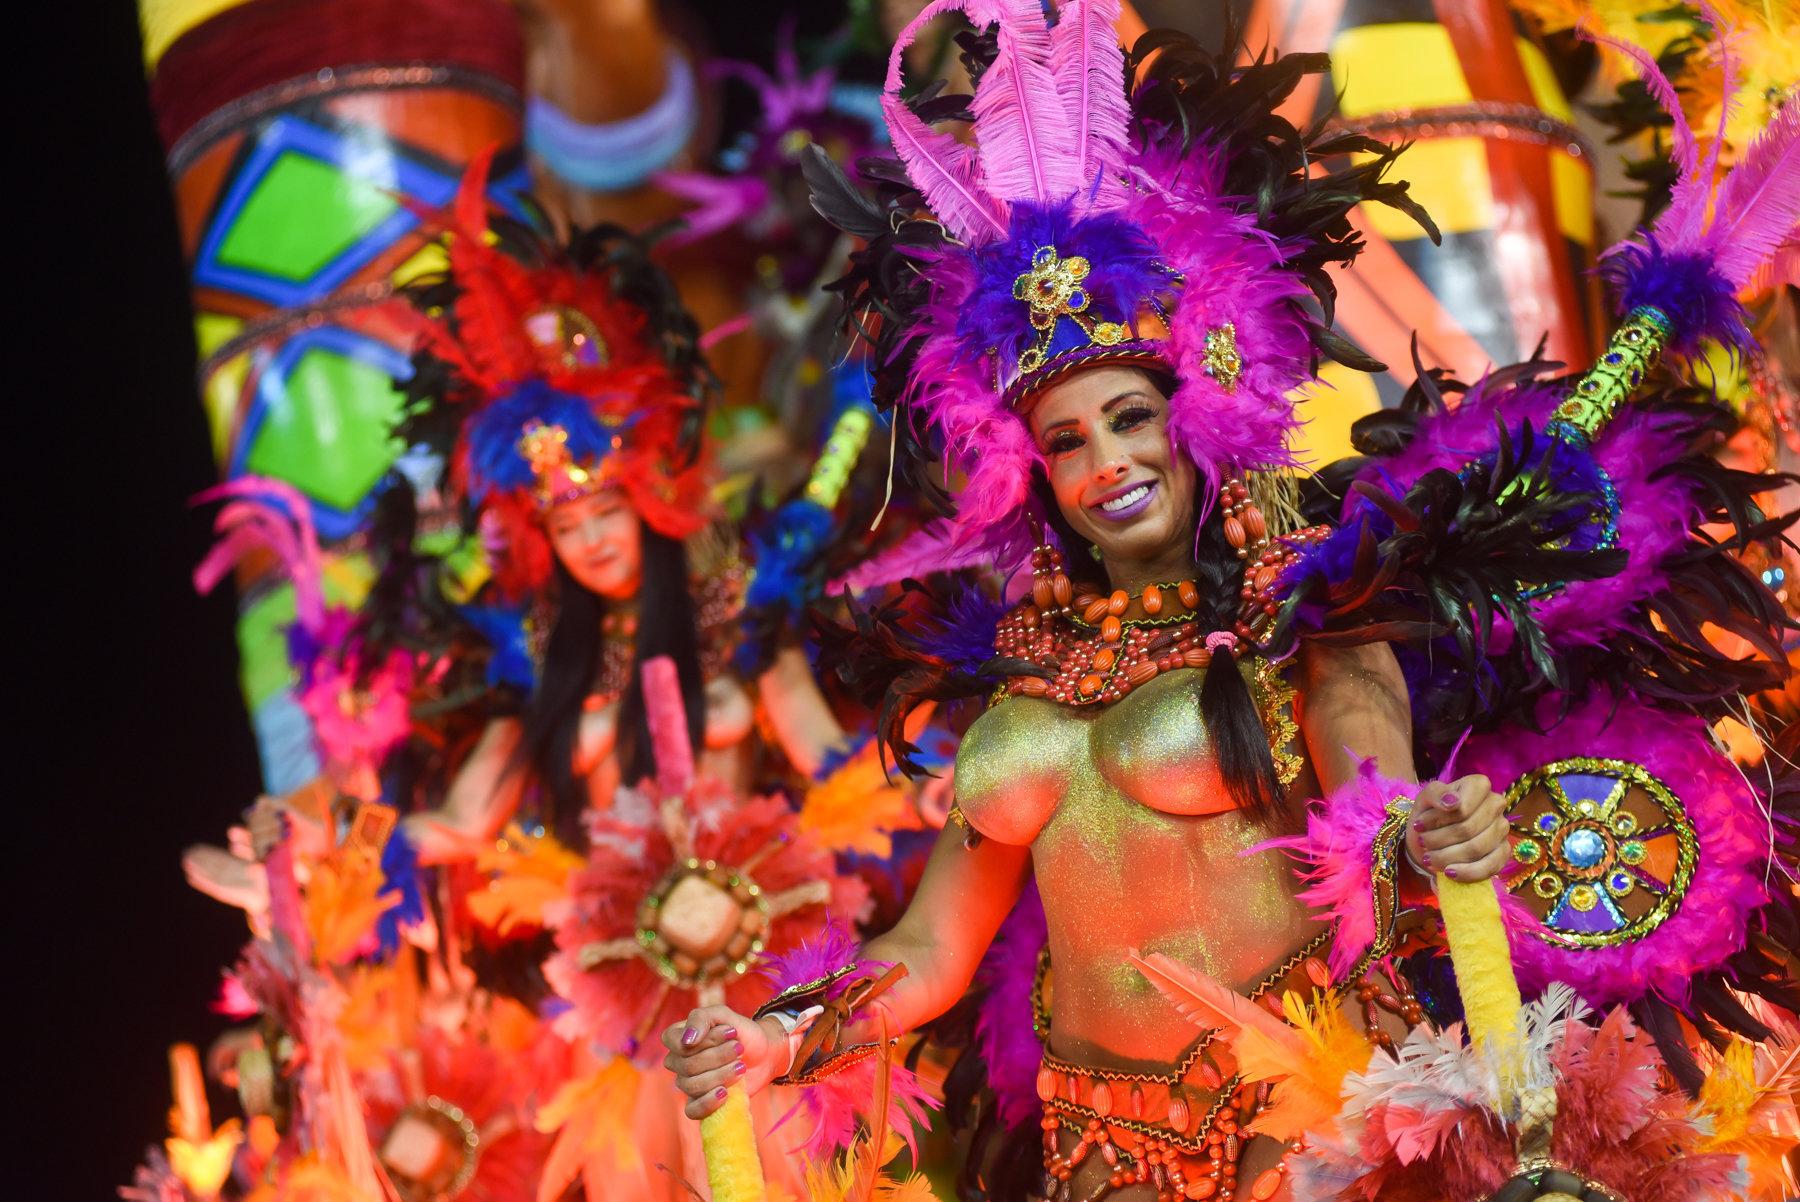 carnaval2016_site_3884.jpg